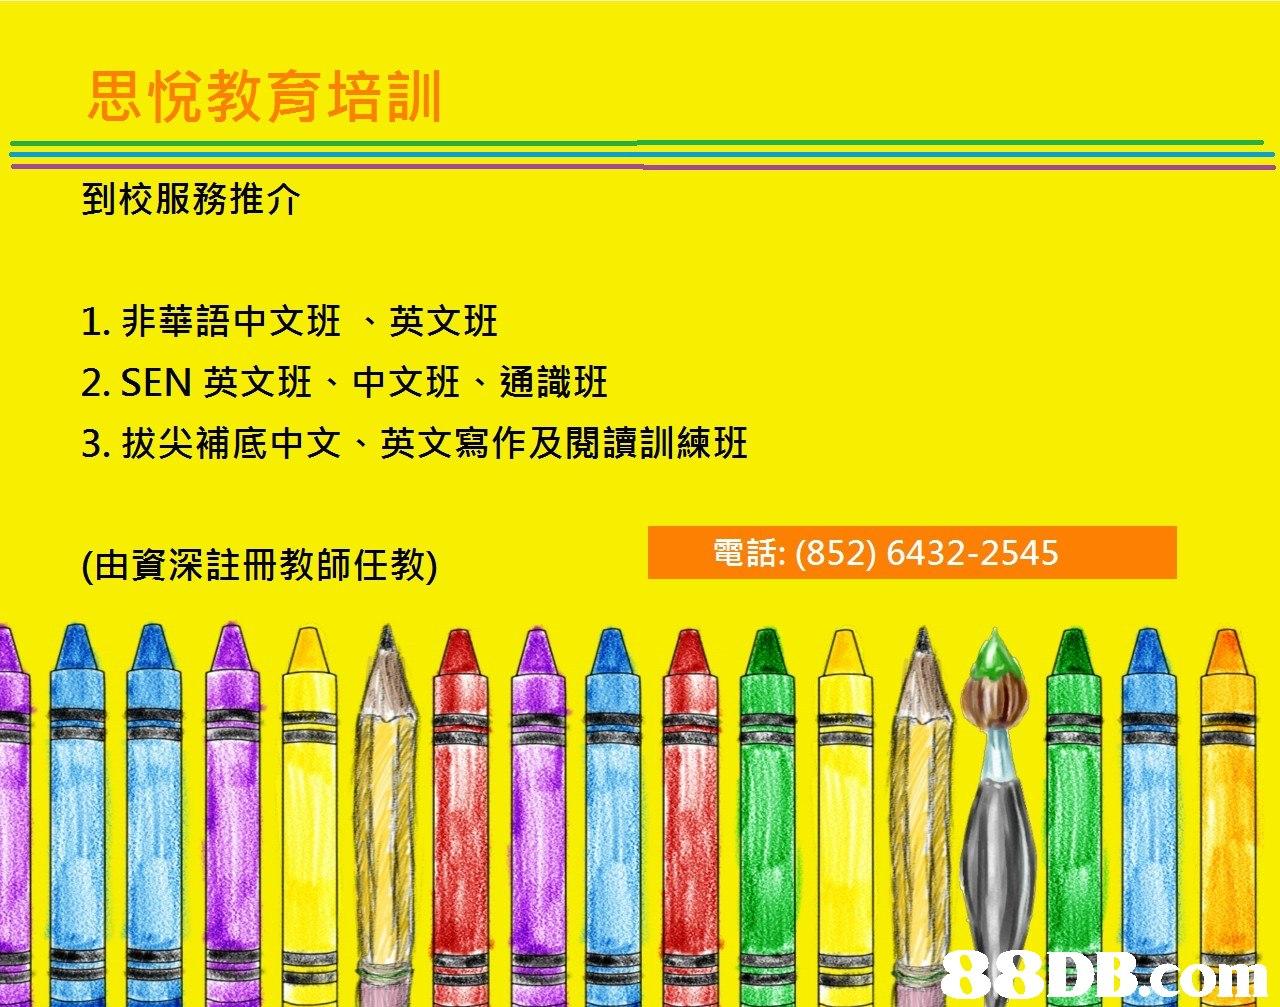 思悅教育培訓 到校服務推介 1,非華語中文班、英文班 2.SEN英文班、中文班、通識班 3·拔尖補底中文、英文寫作及閱讀訓練班 (由資深註冊教師任教) 電話: (852) 6432-2545 DB,yellow,text,product,line,product